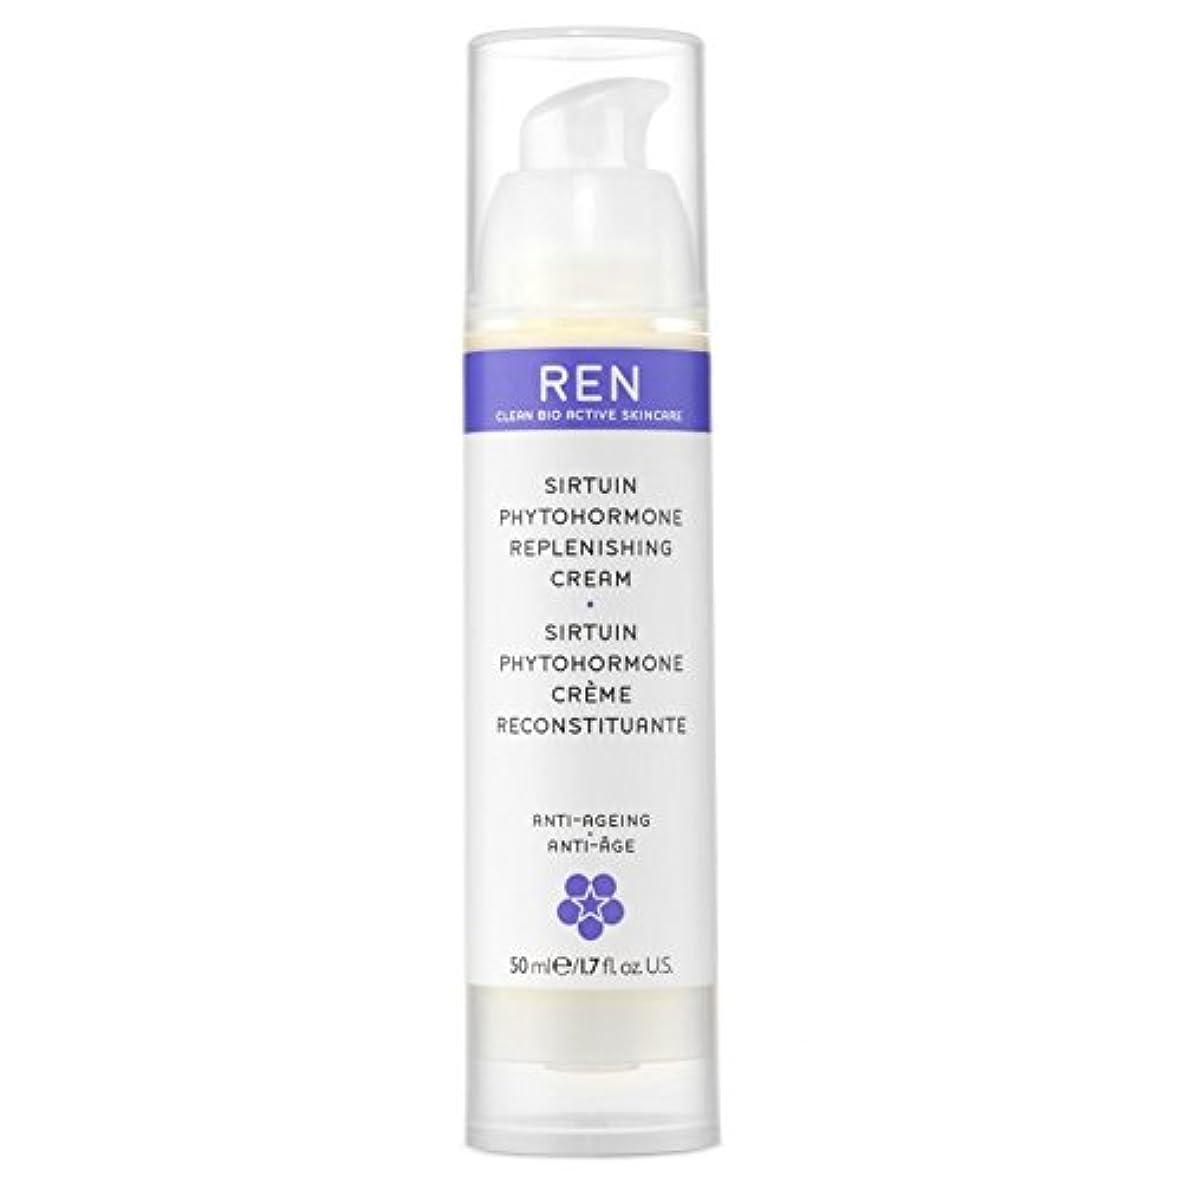 削除する有利化粧REN Sirtuin Phytohormone Replenishing Cream - サーチュイン植物ホルモン補充クリーム [並行輸入品]